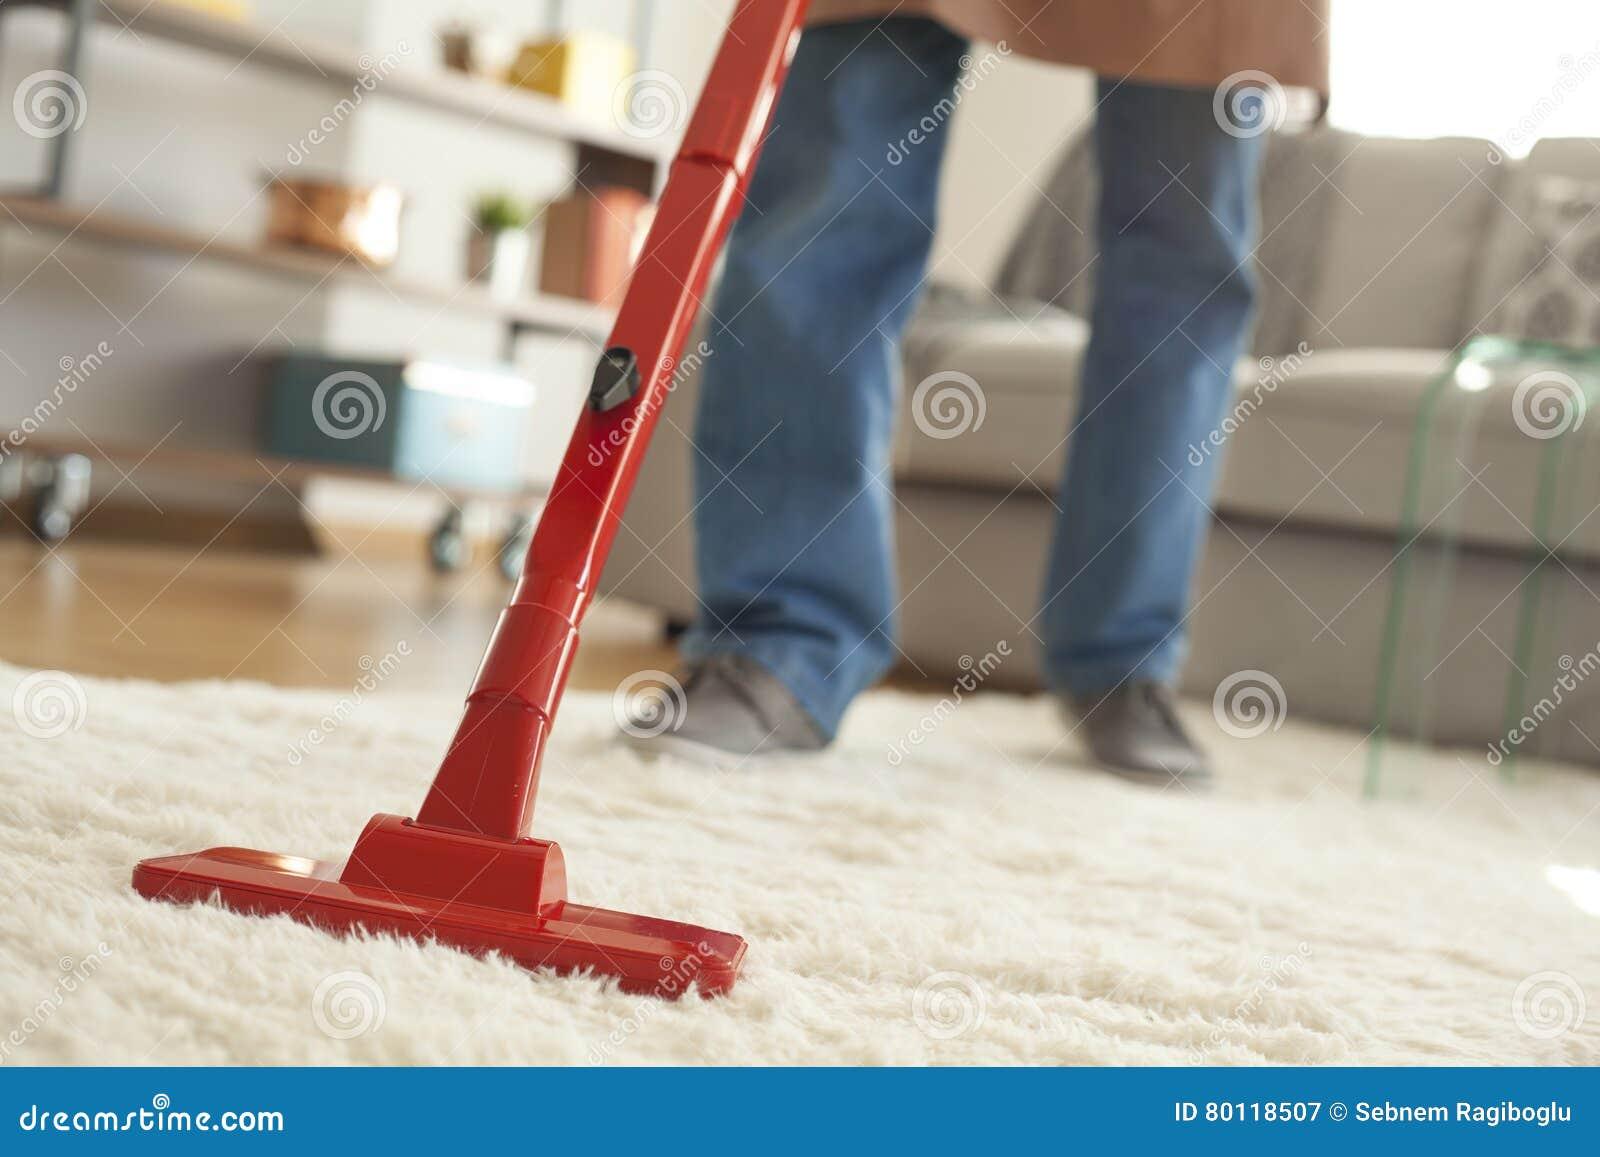 Equipaggi il tappeto di pulizia con un aspirapolvere nella sala